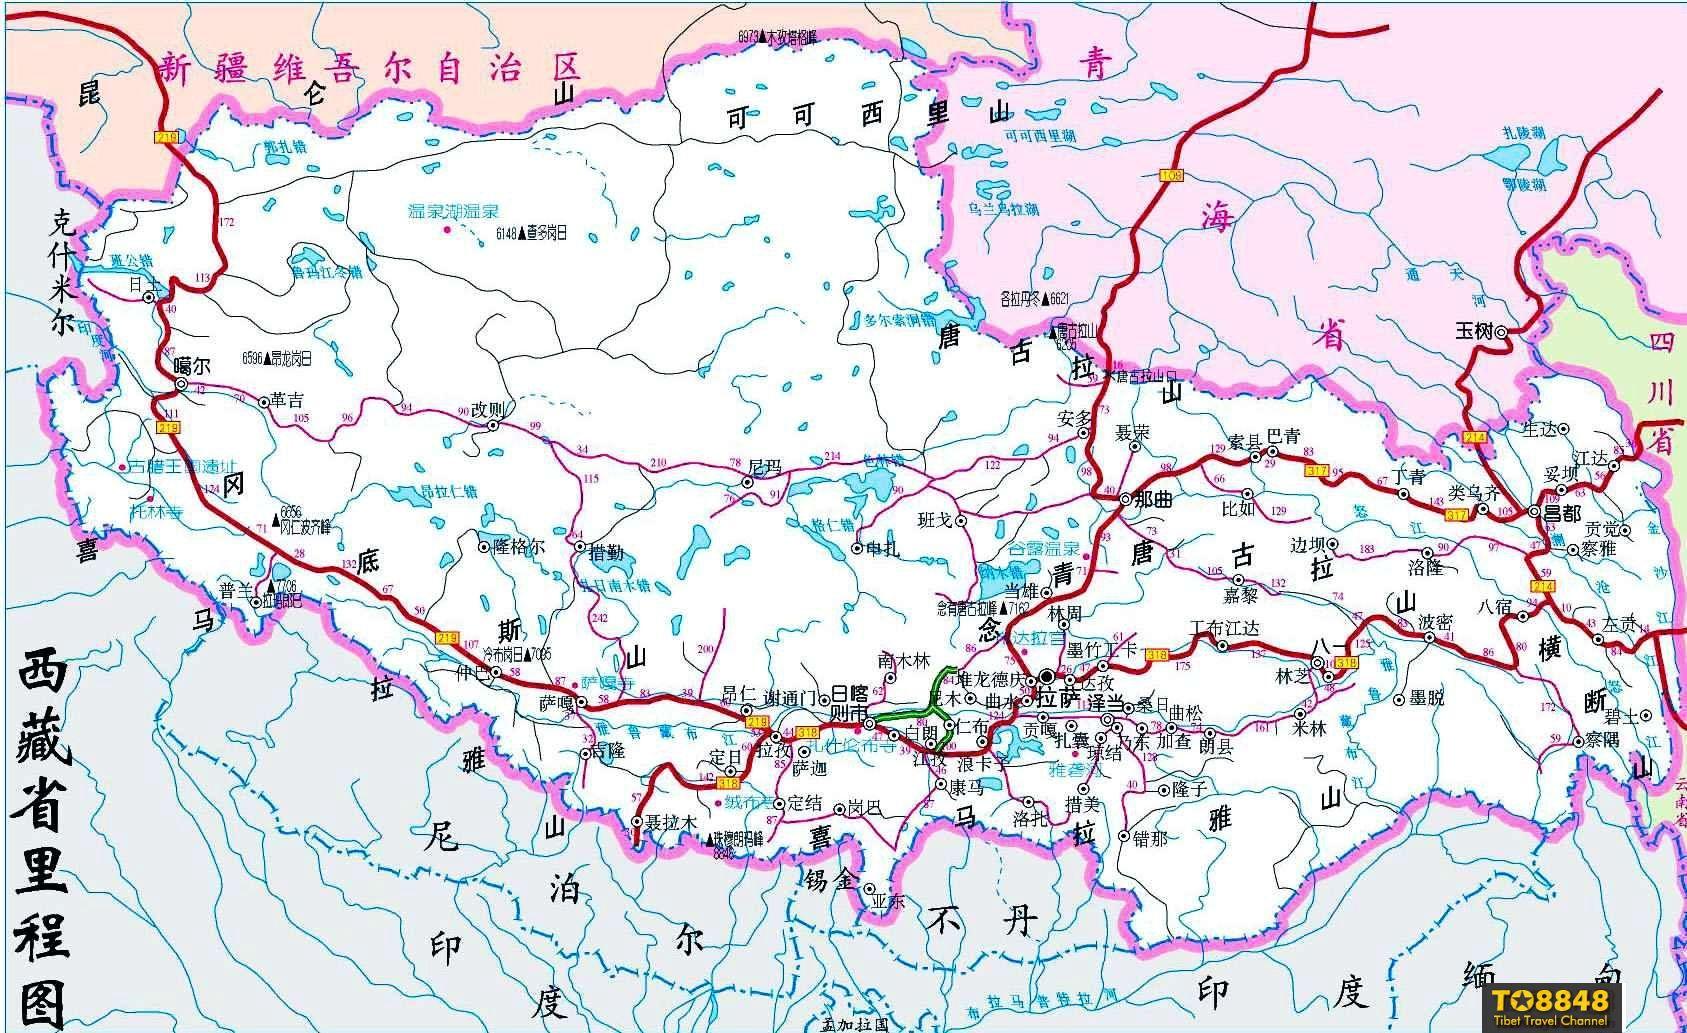 西藏公路交通地图